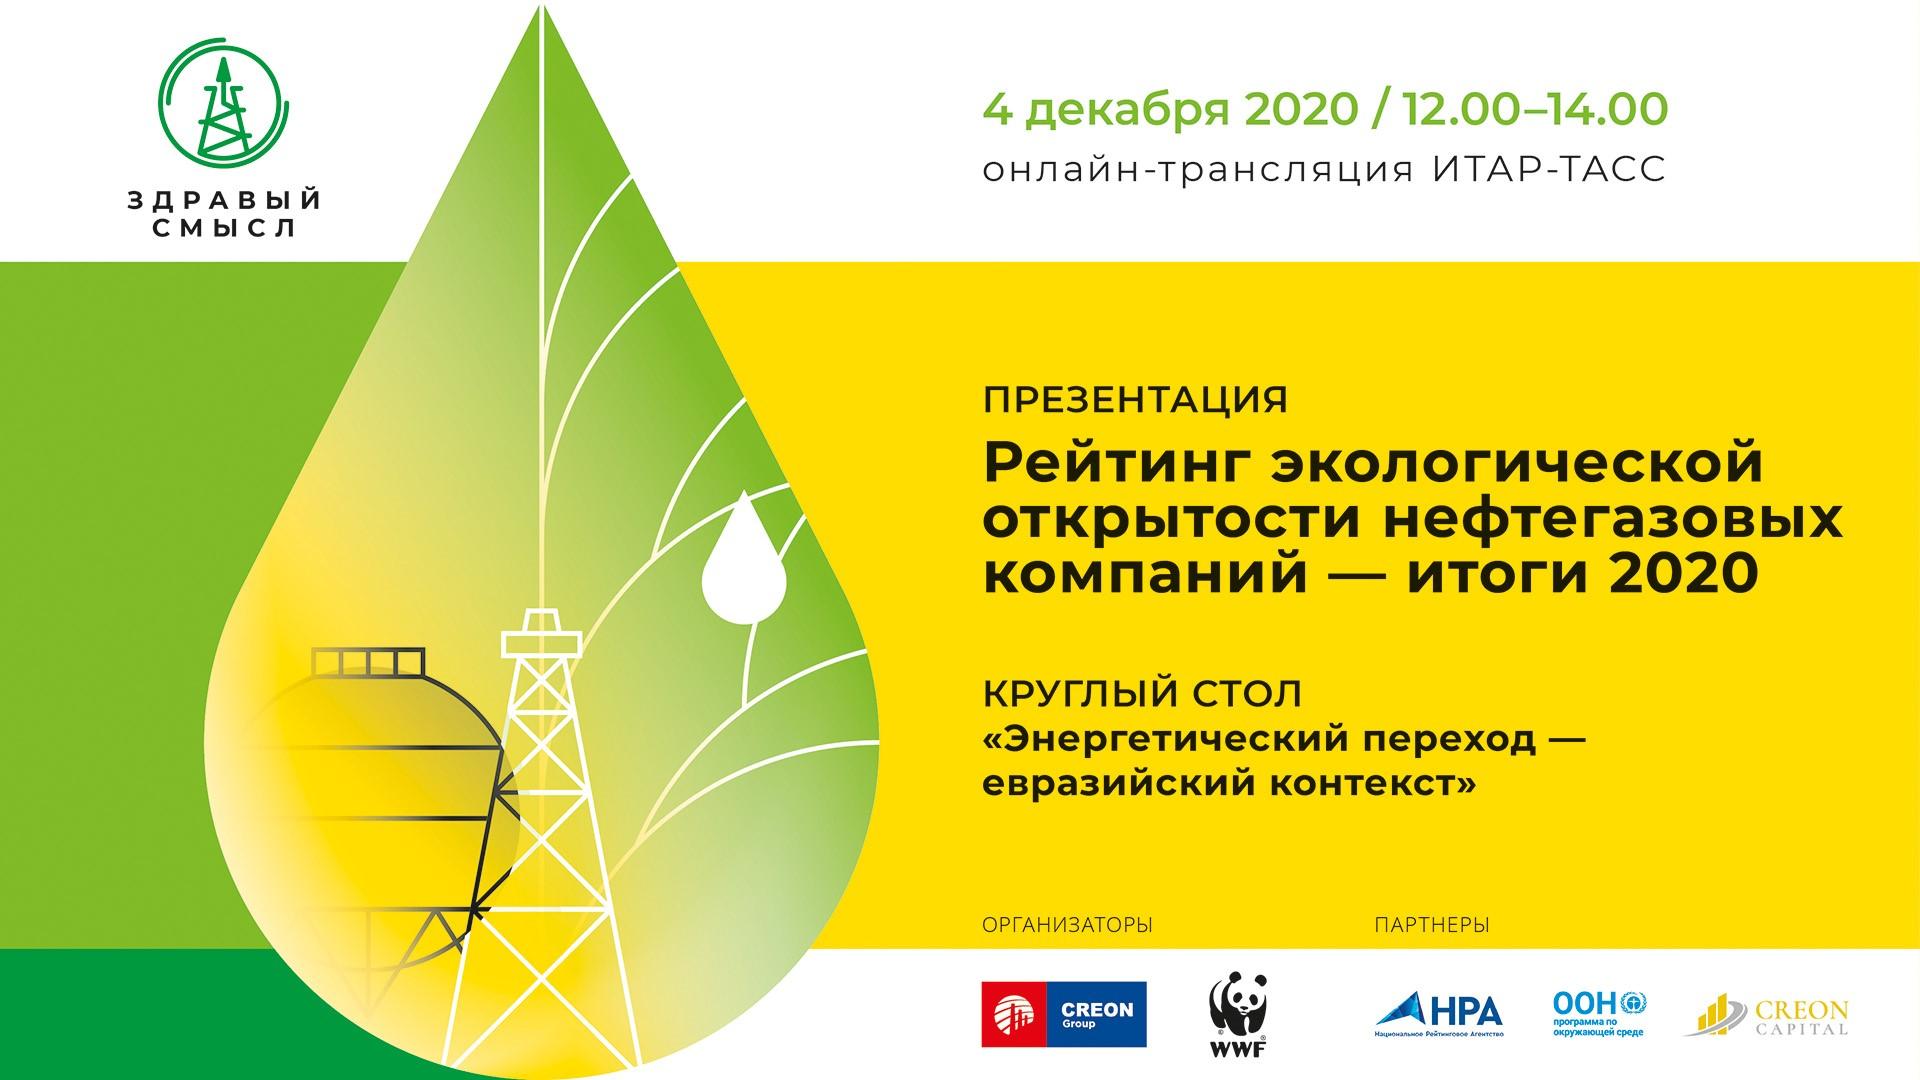 Рейтинг экологической открытости нефтегазовых компаний-2020 представят 4 декабря